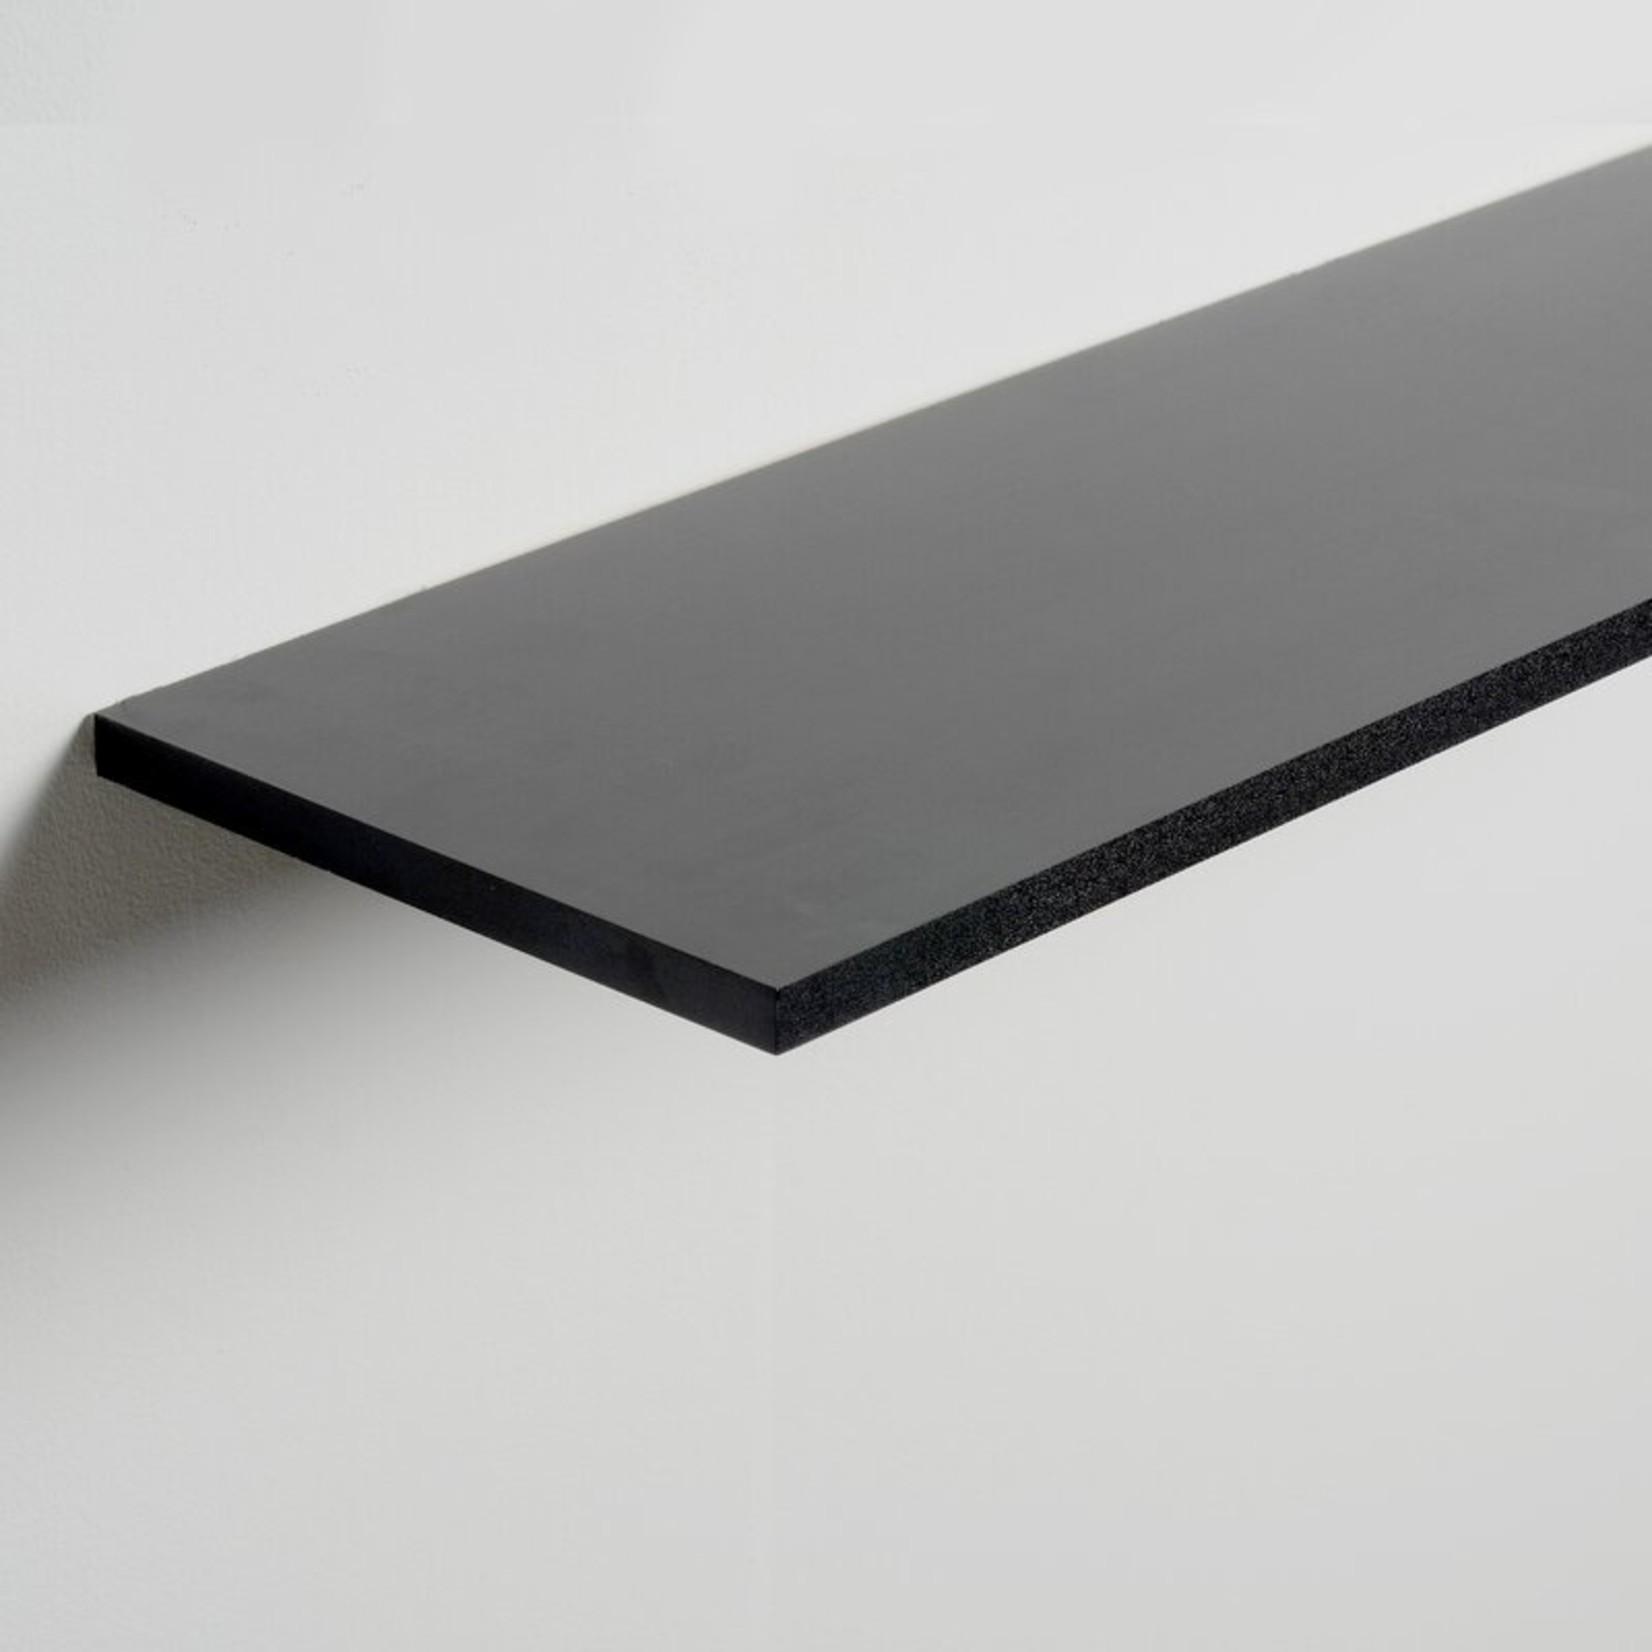 """*36"""" x 8"""" - Brusly Floating Shelf - Black - Set of 2"""